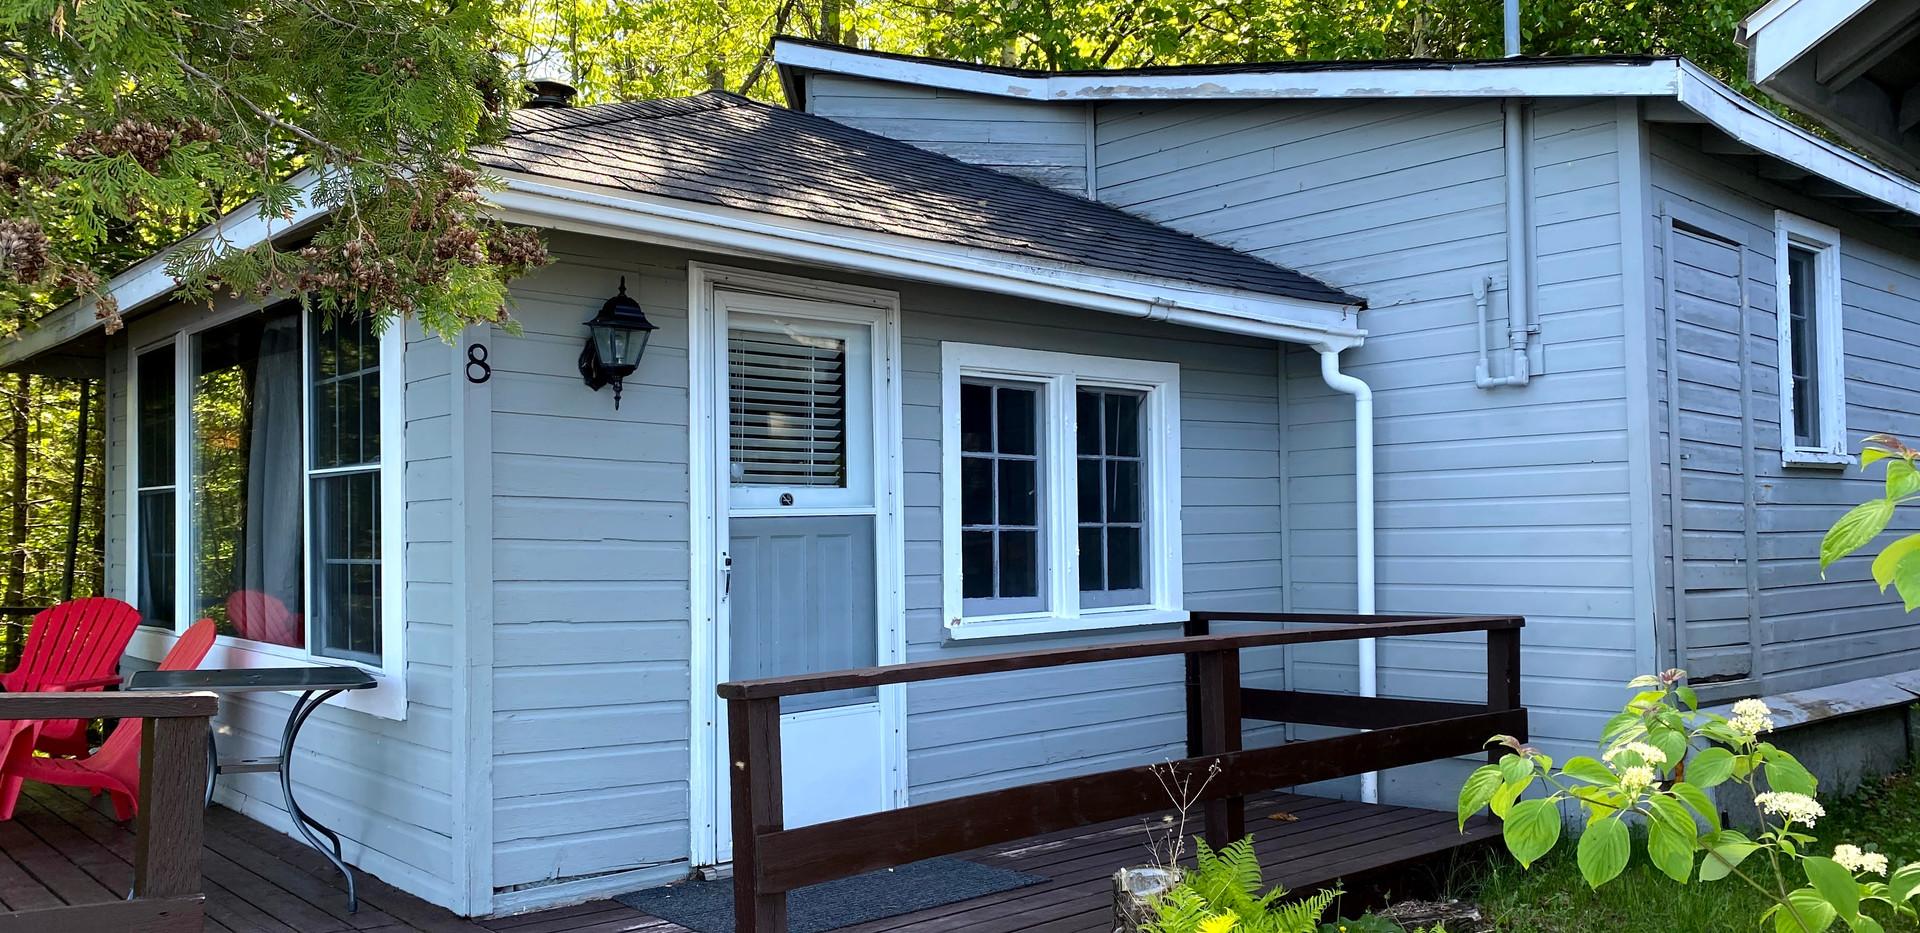 Bonnie View Cabins